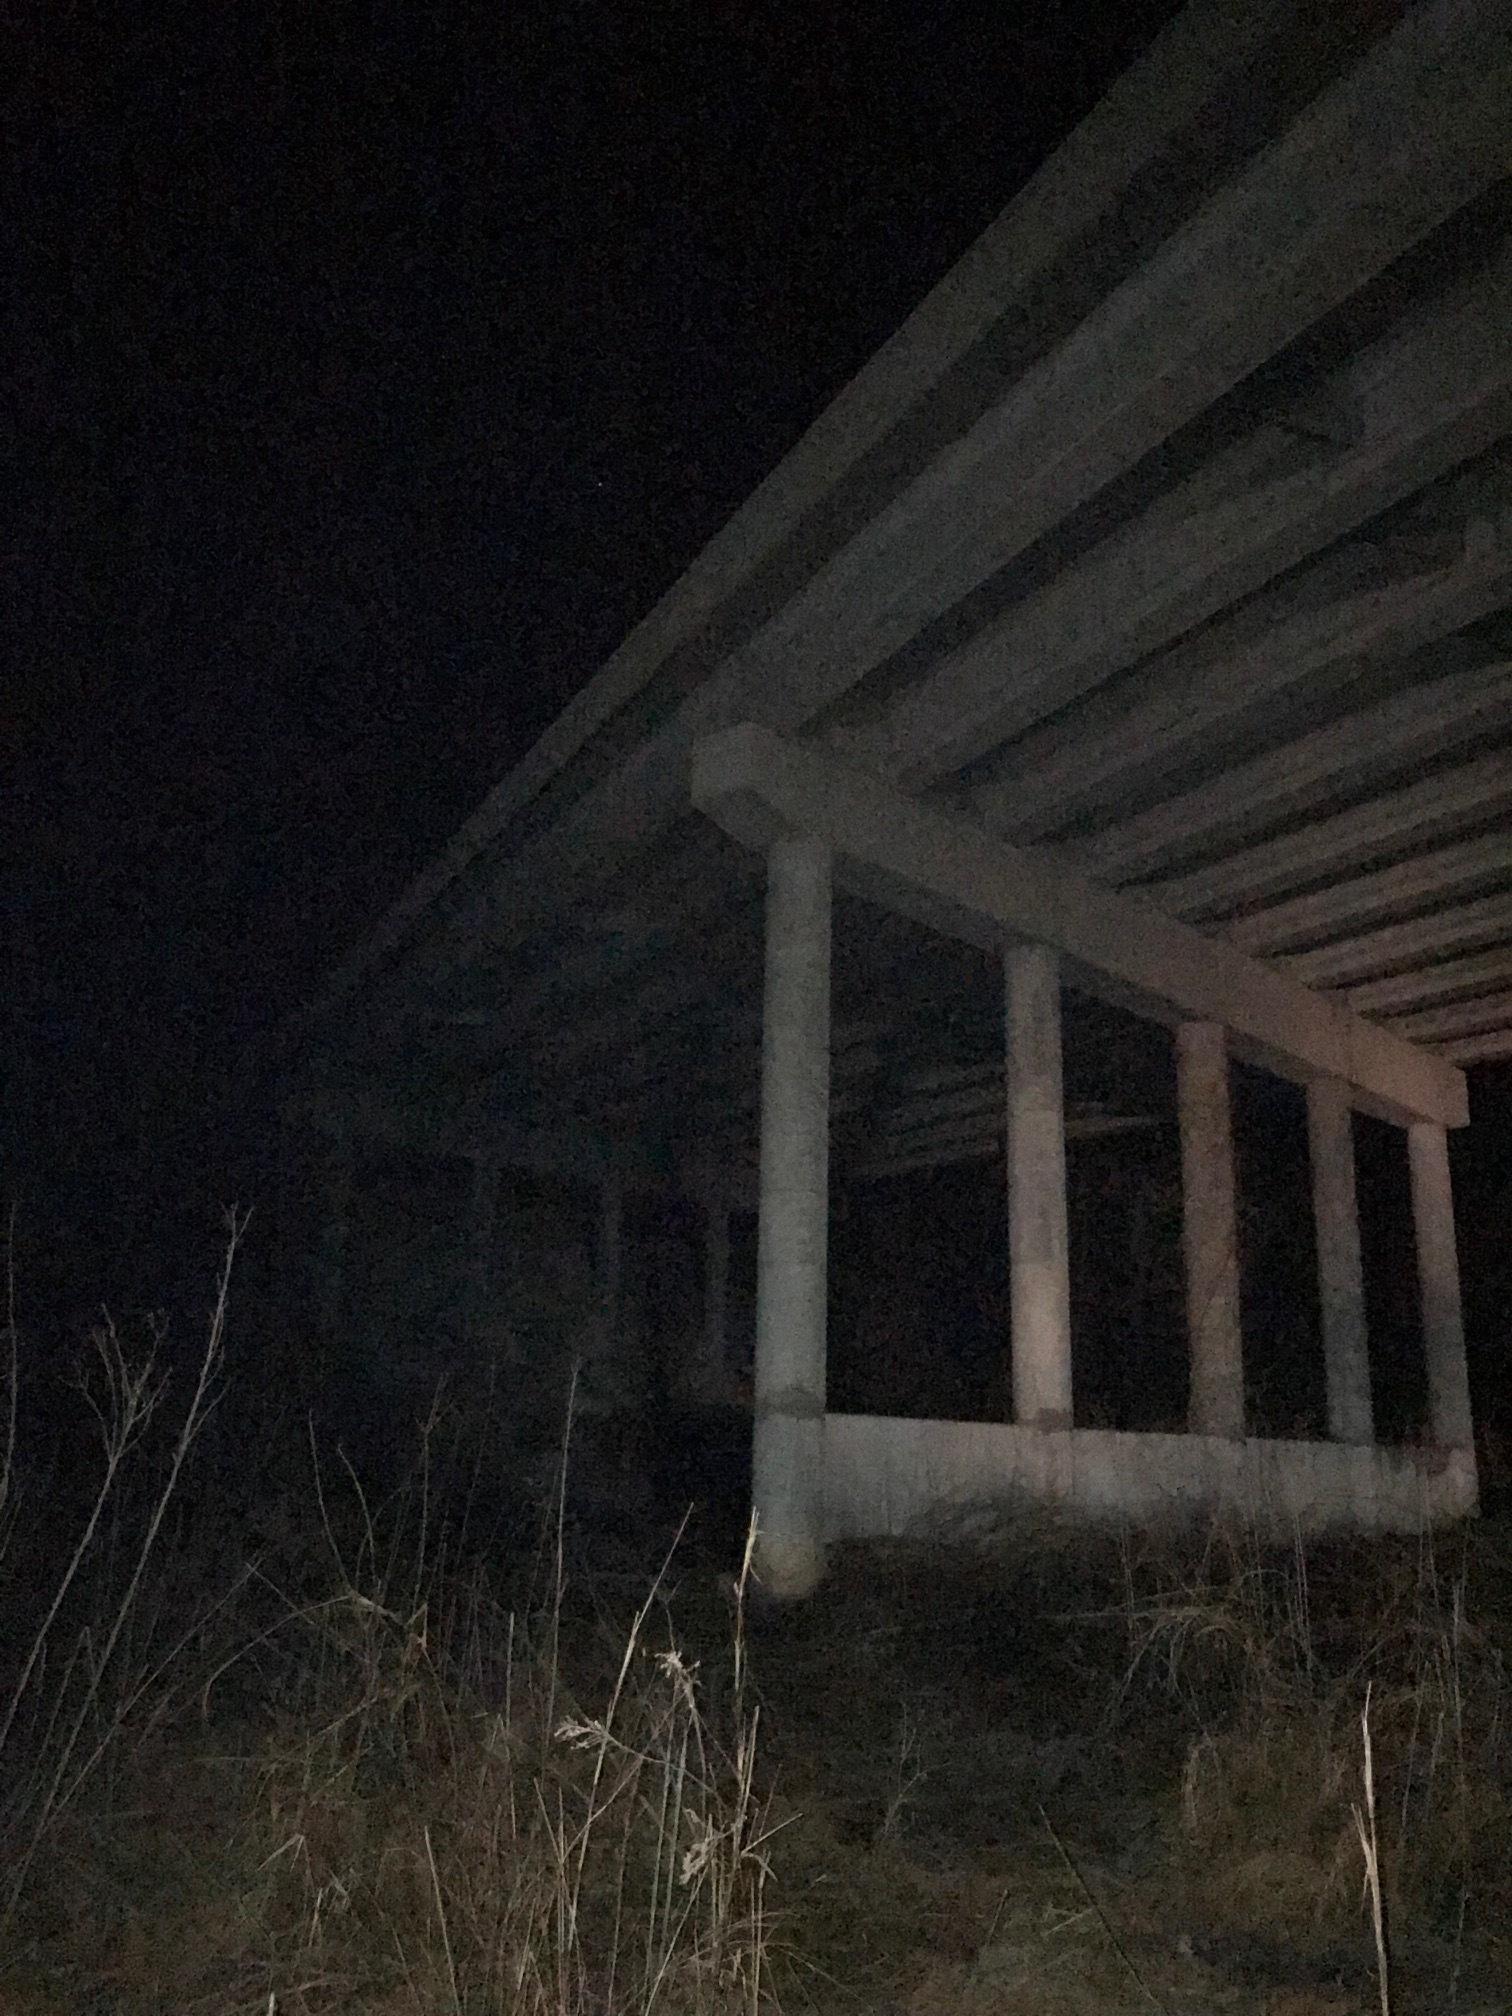 CPD Investigates Accident, Man Falls From Bridge